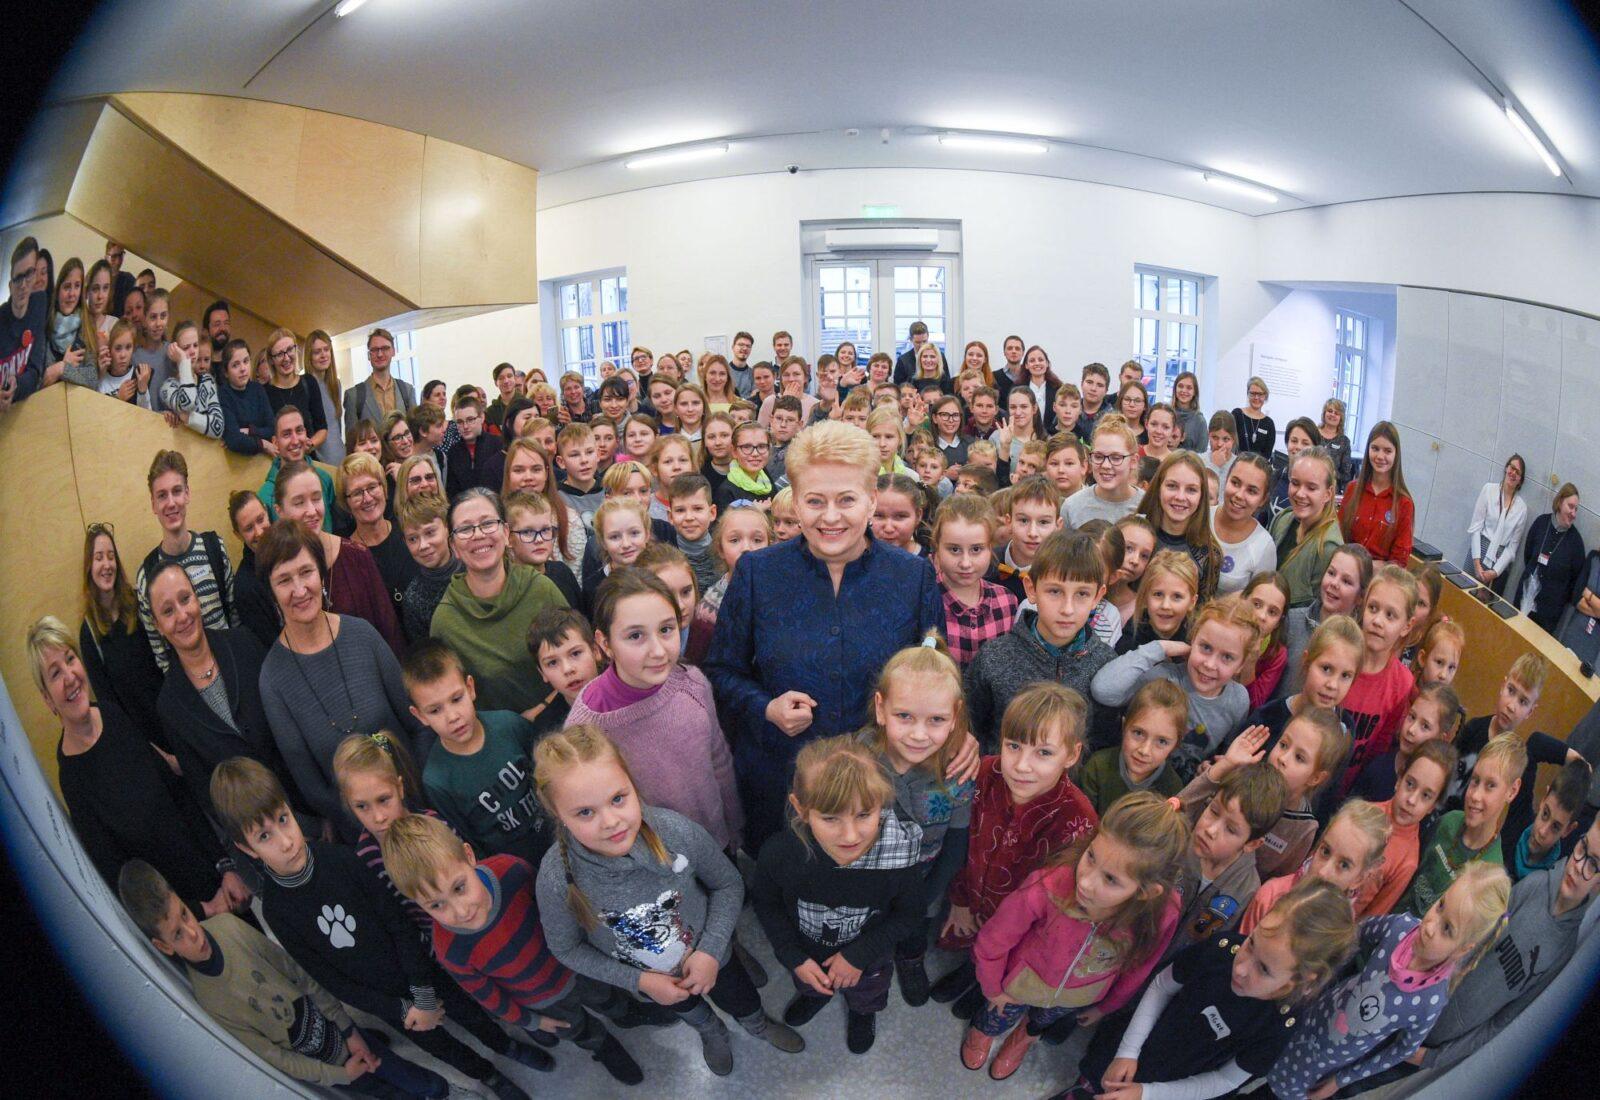 Vaikų grobimo įstatymo autorė – pati Dalia Grybauskaitė (pildoma)